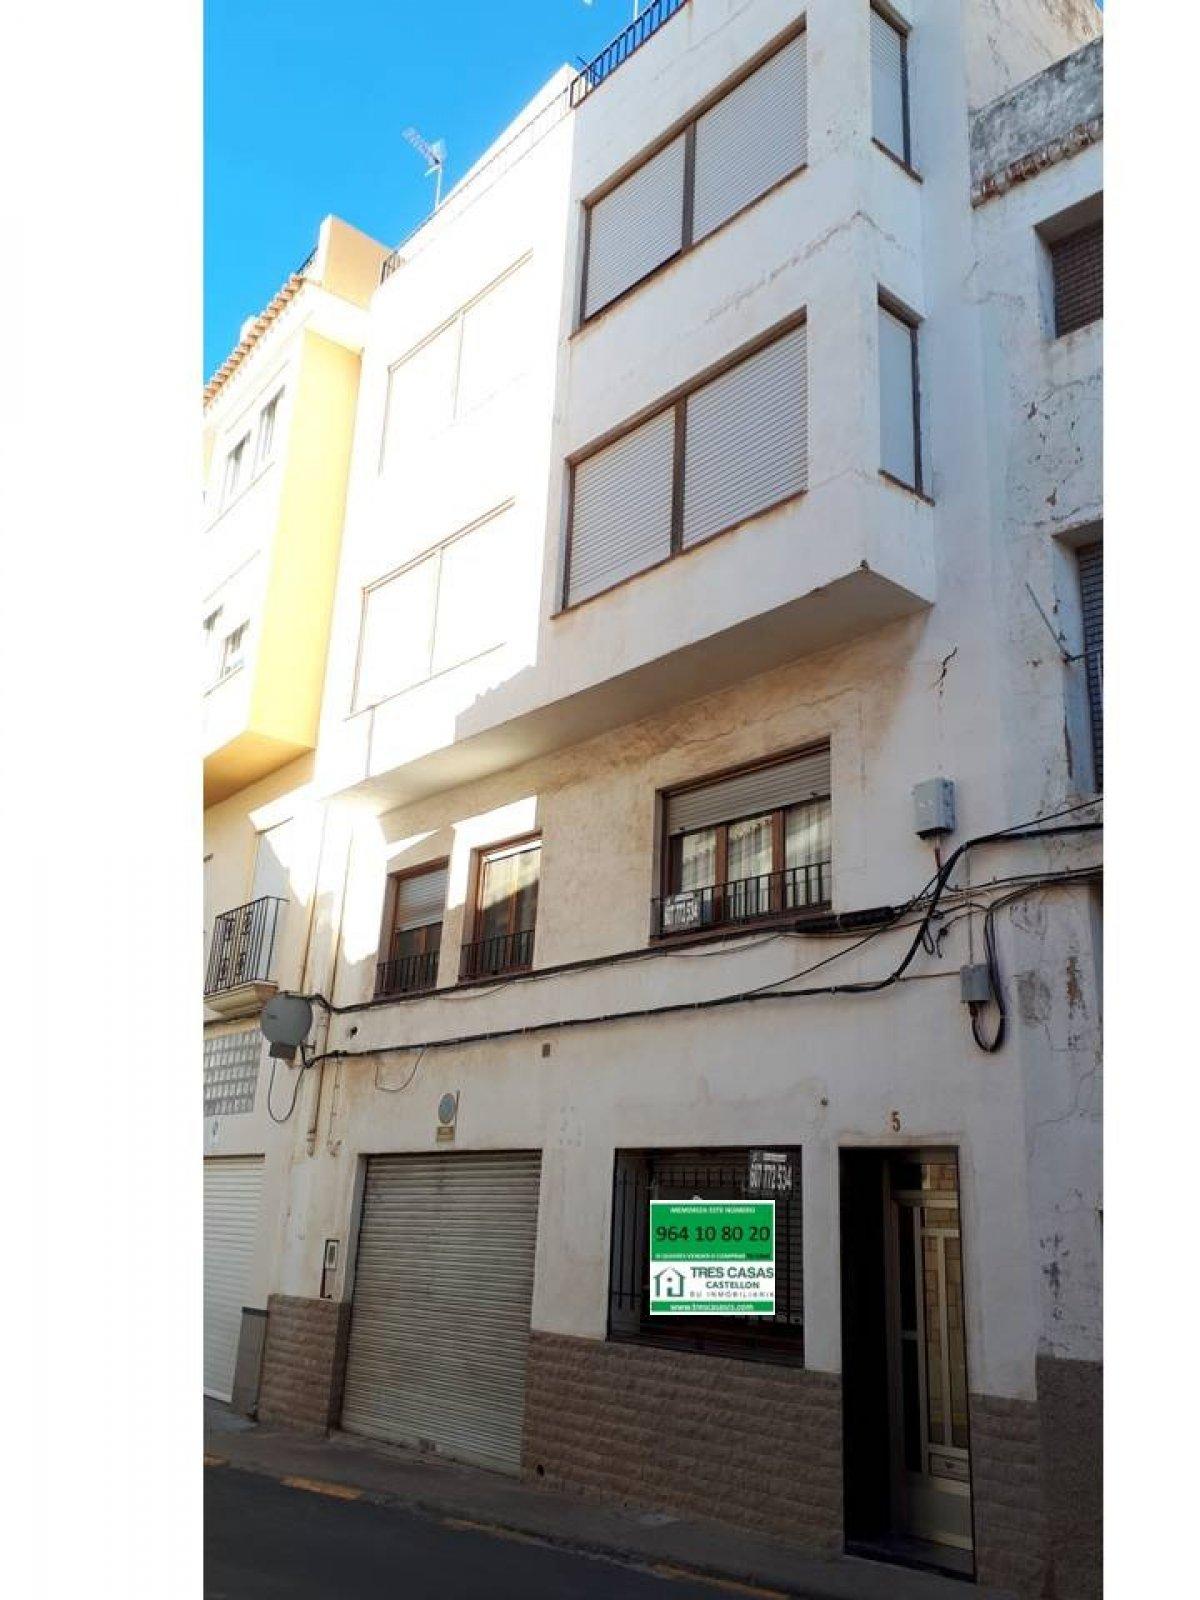 Alquiler Casa  Lucena del cid ,centro. Casa de 4 alturas, garaje más 4 plantas en lucena del cid, ideal